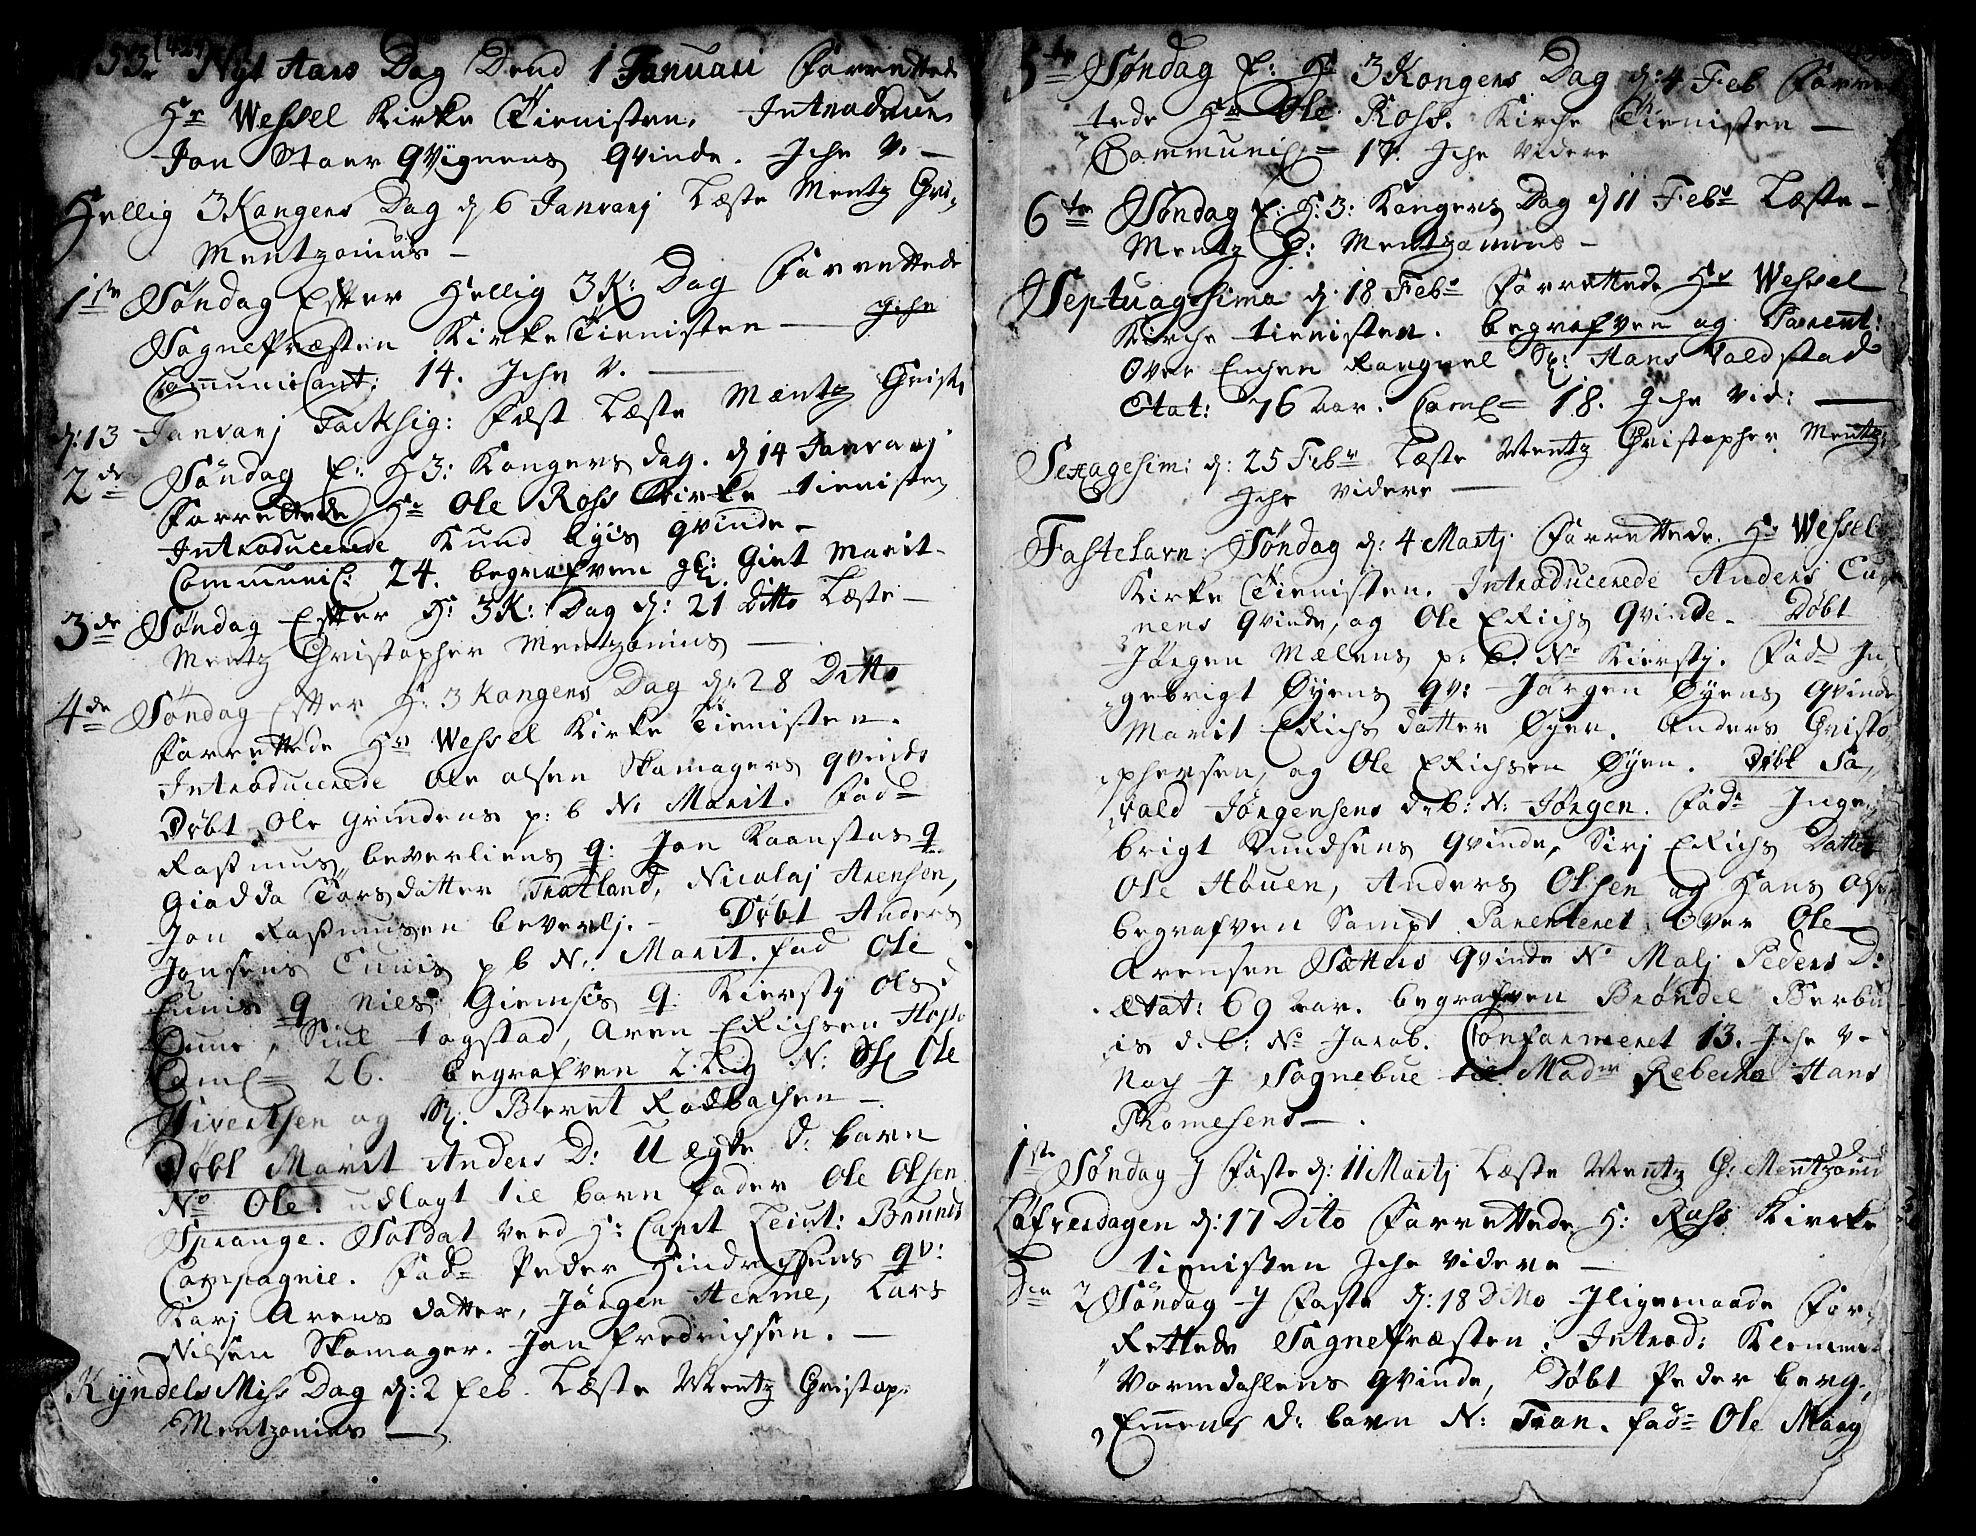 SAT, Ministerialprotokoller, klokkerbøker og fødselsregistre - Sør-Trøndelag, 671/L0839: Ministerialbok nr. 671A01, 1730-1755, s. 429-430